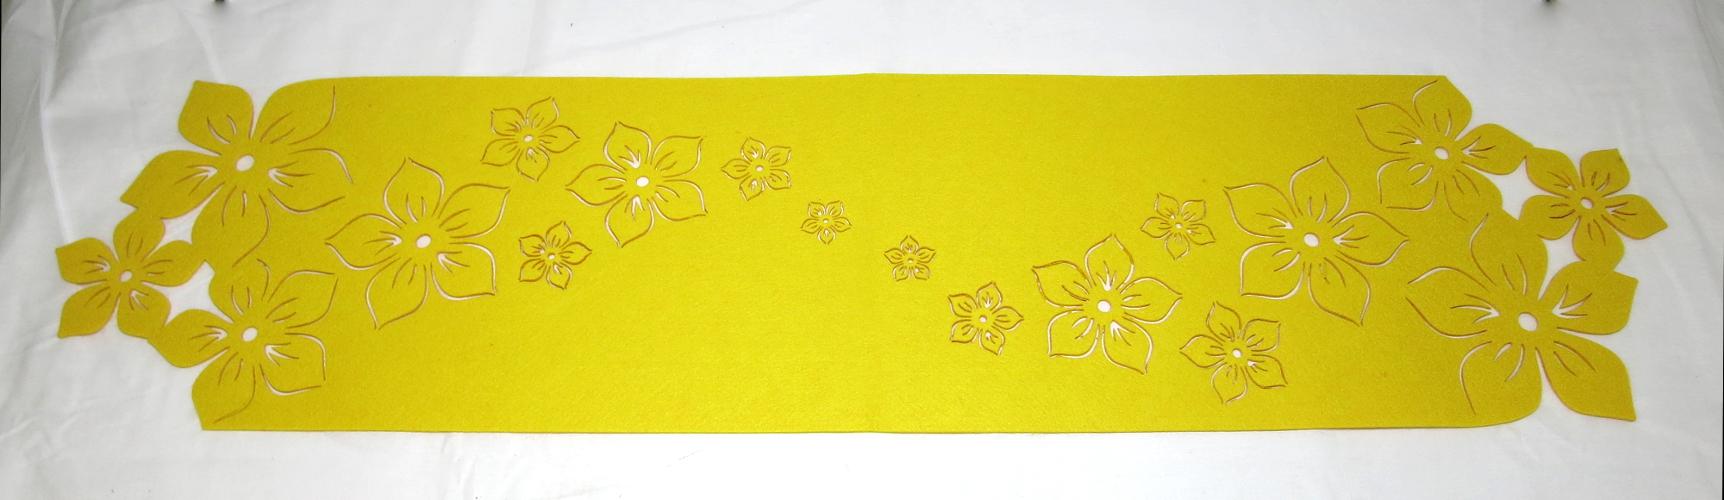 filz tischl ufer 24 x 100cm gelb tischdeko. Black Bedroom Furniture Sets. Home Design Ideas